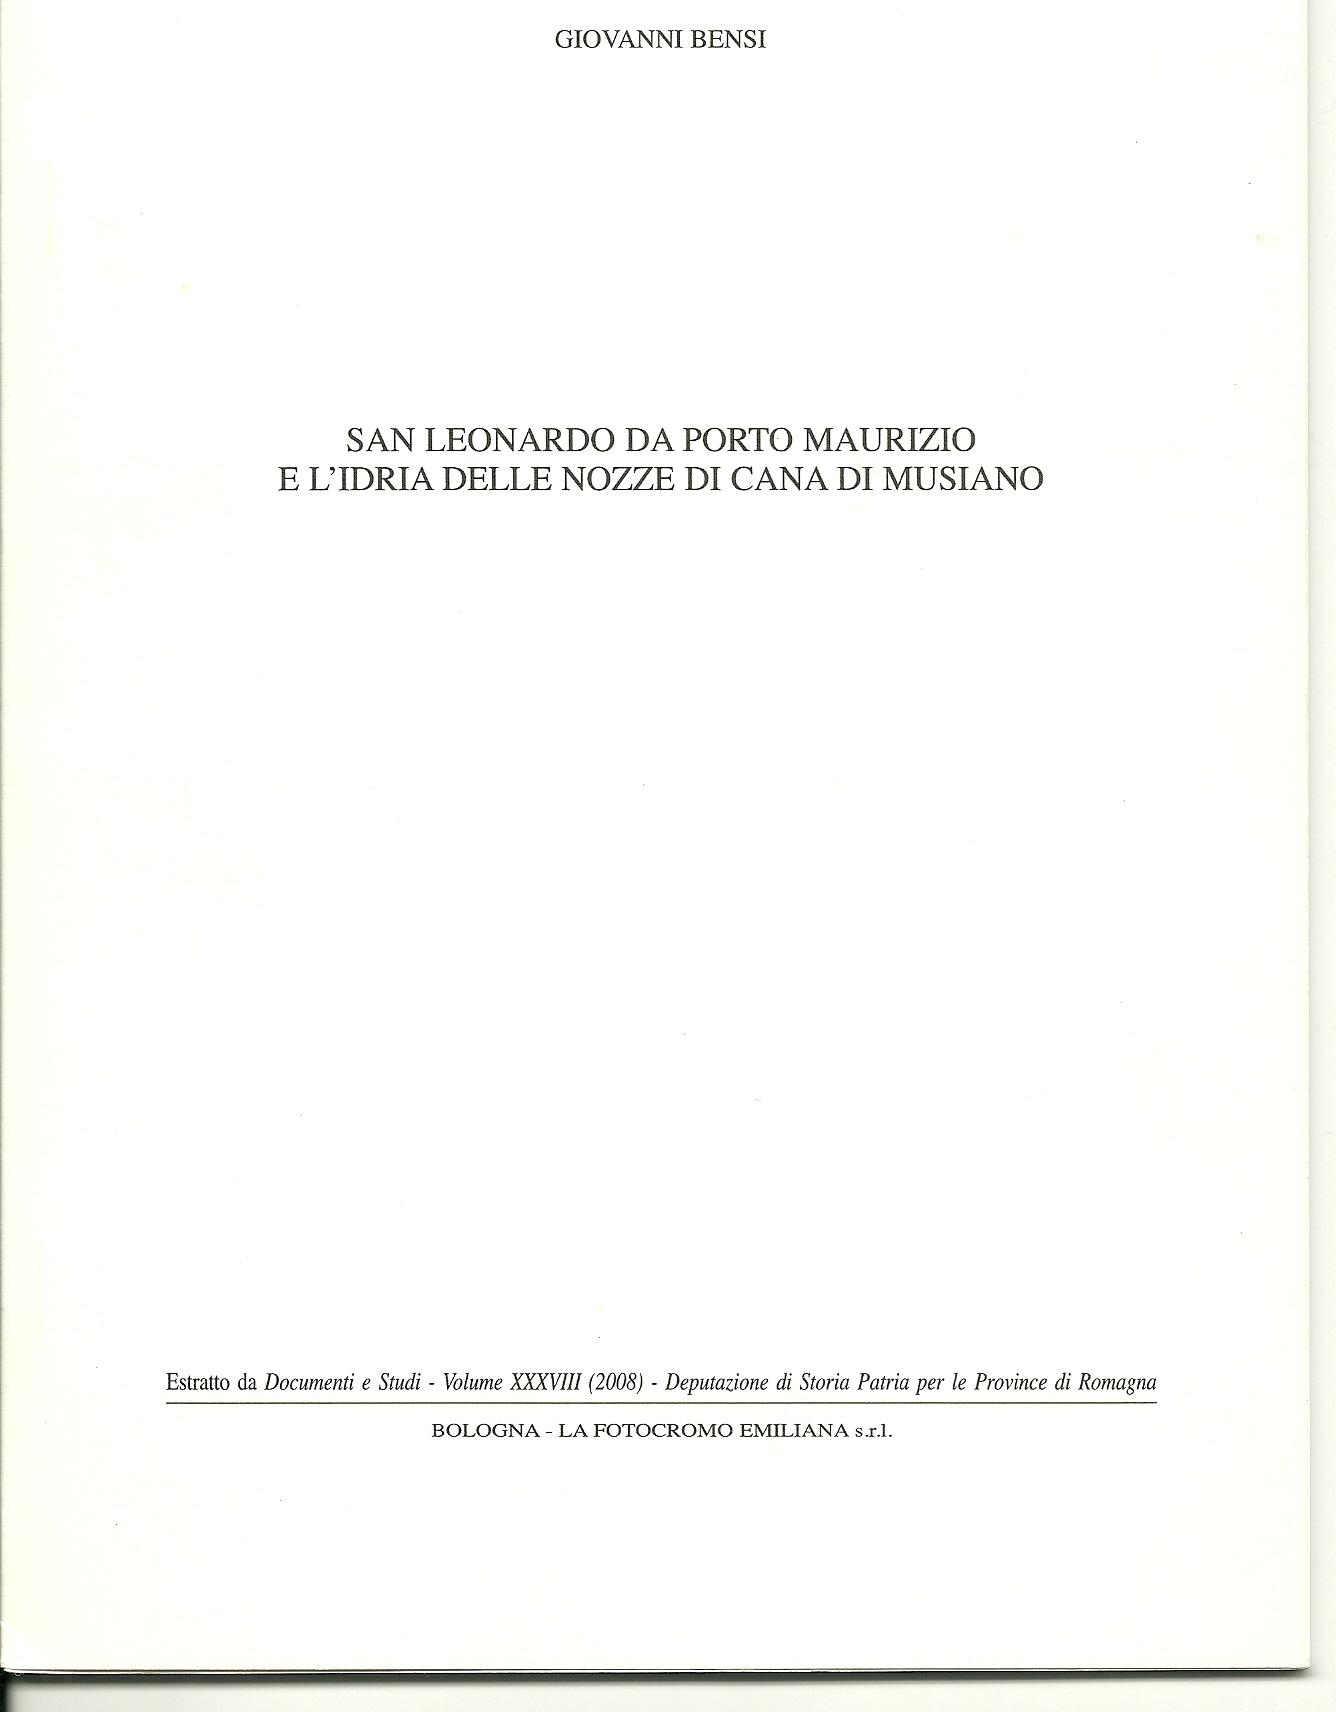 San Leonardo da Porto Maurizio e l'idria delle nozze di Cana di Musiano